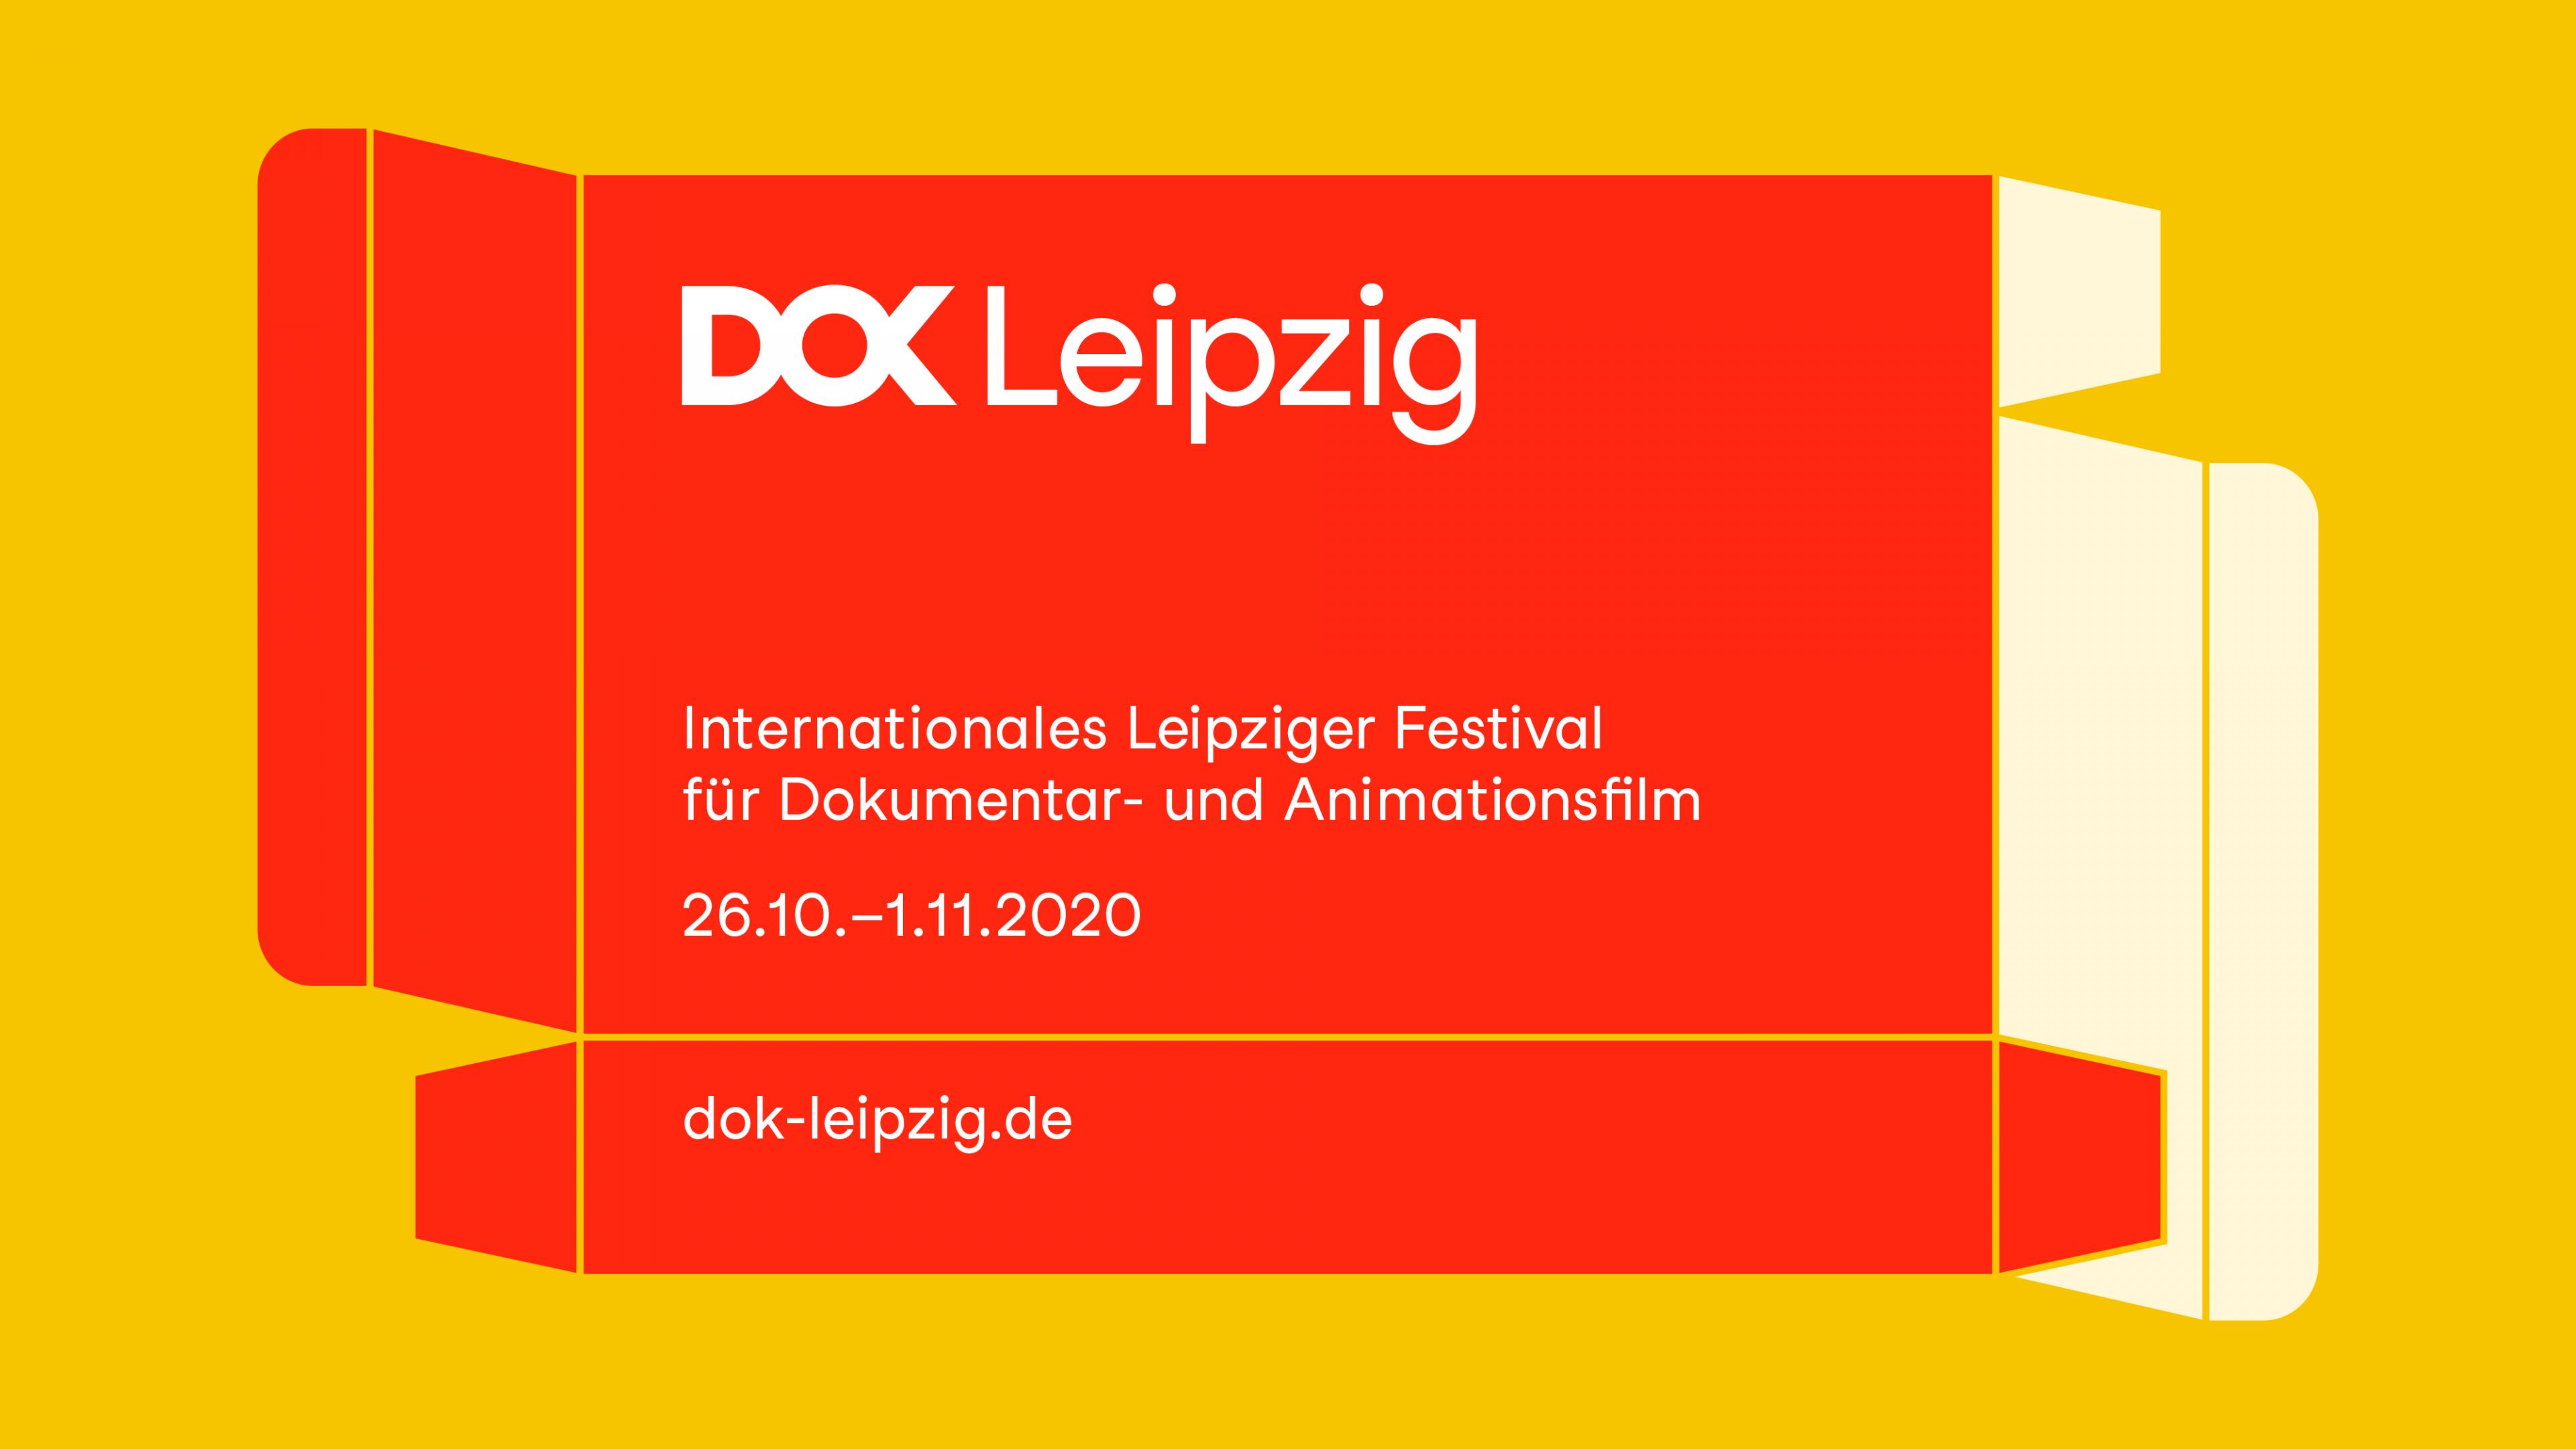 Festivalmotiv 2020: Grafik einer roten Faltschachtel mit DOK Leipzig Schriftzug und Festivaldatum